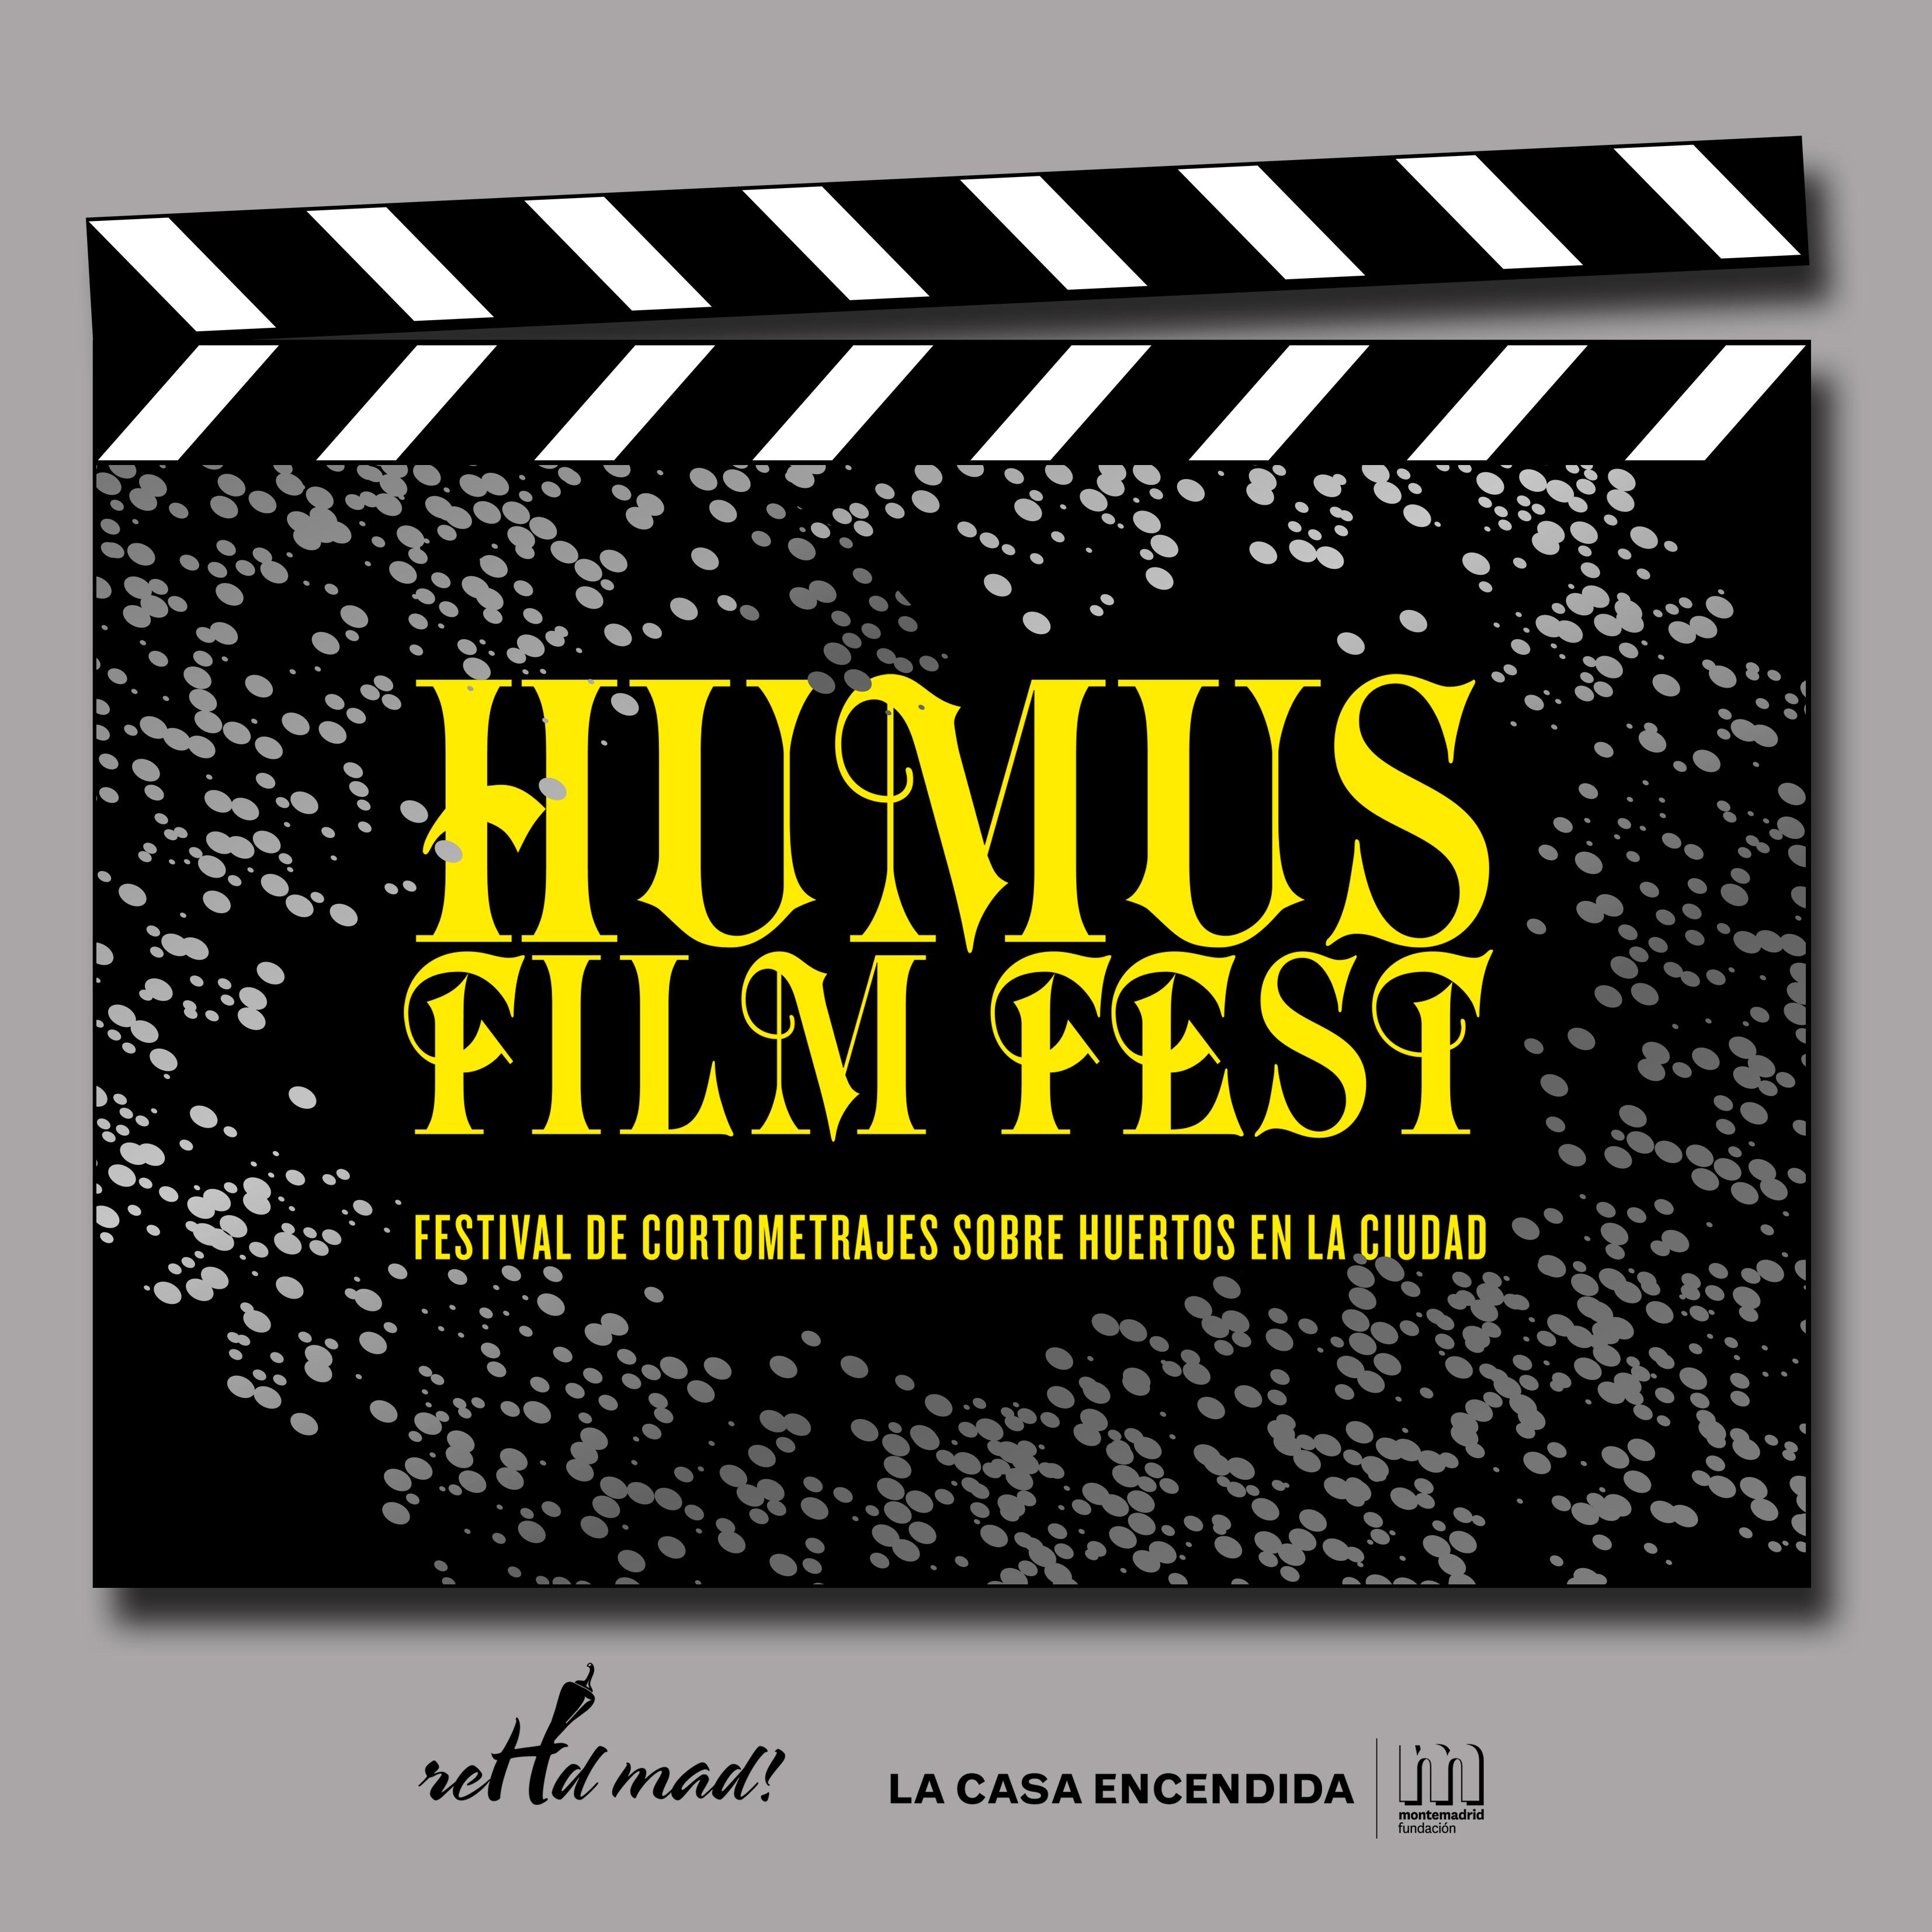 Humus Film Festlogos